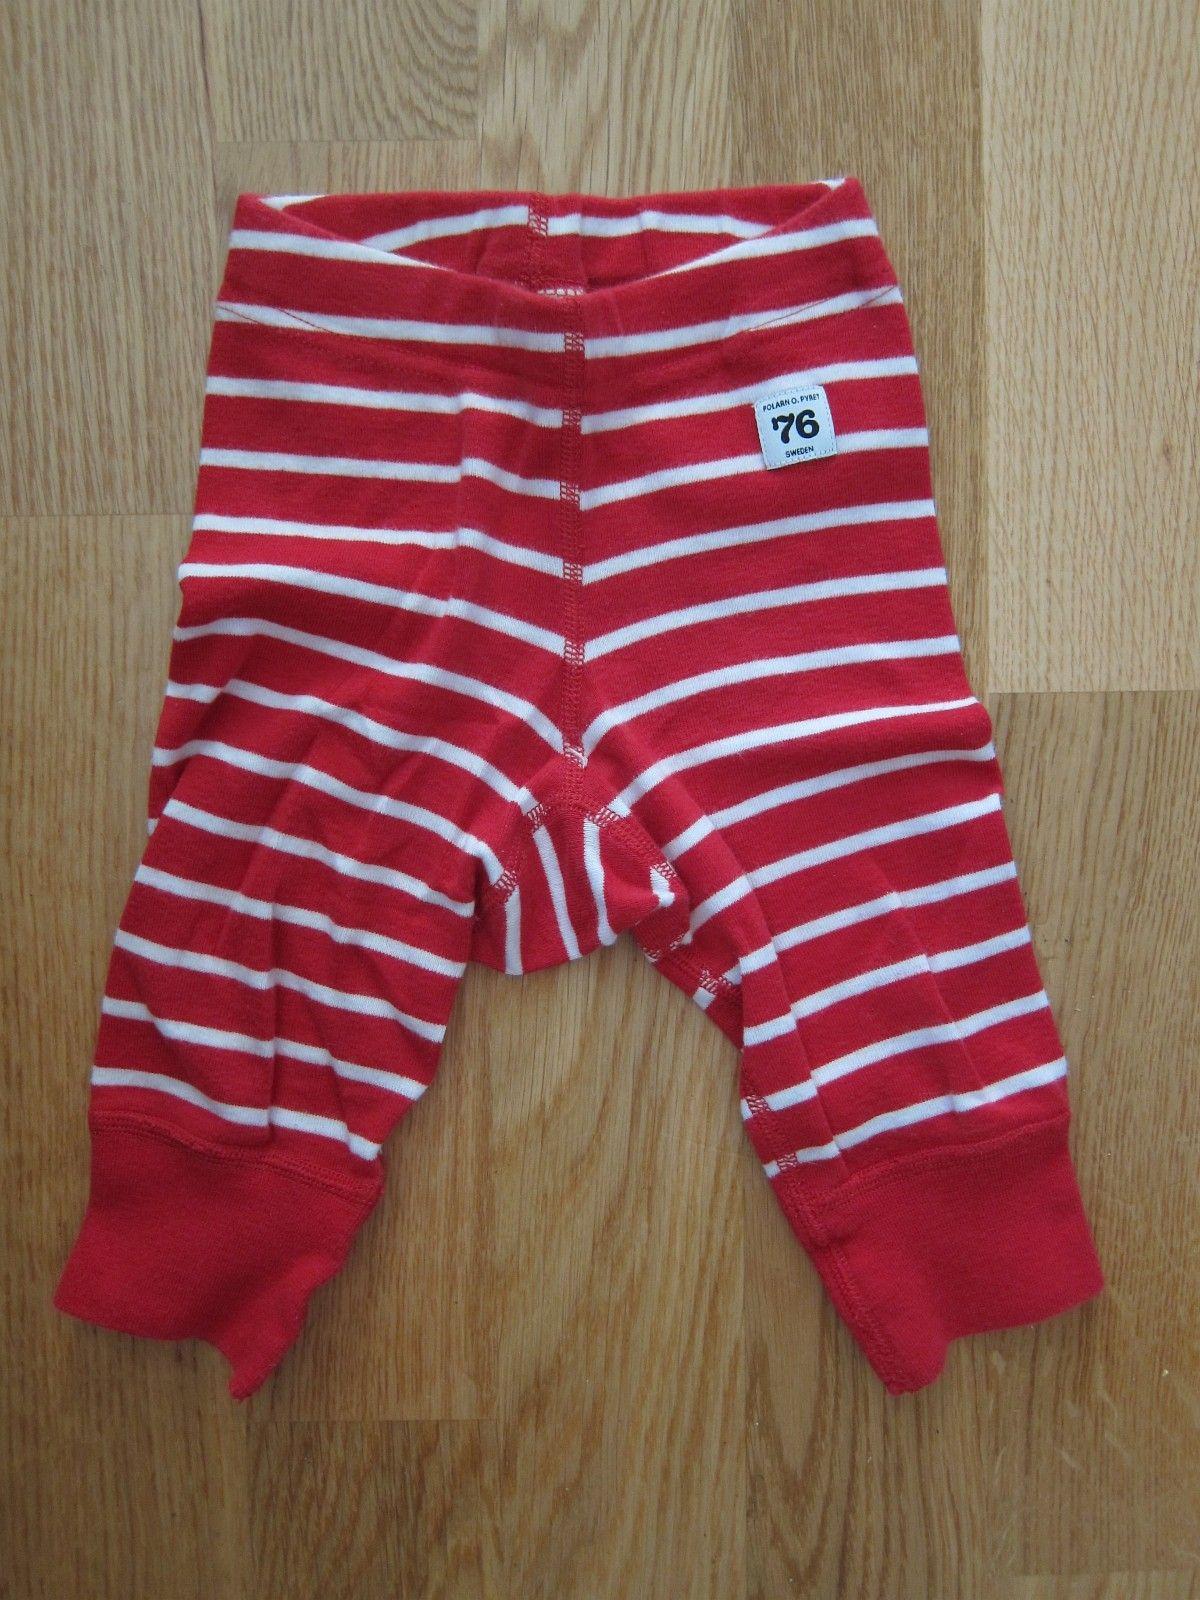 d7b05561e0c Pent brukt Polarn O. Pyret stripete bukse str 62. Selges kr 80. (1/86)